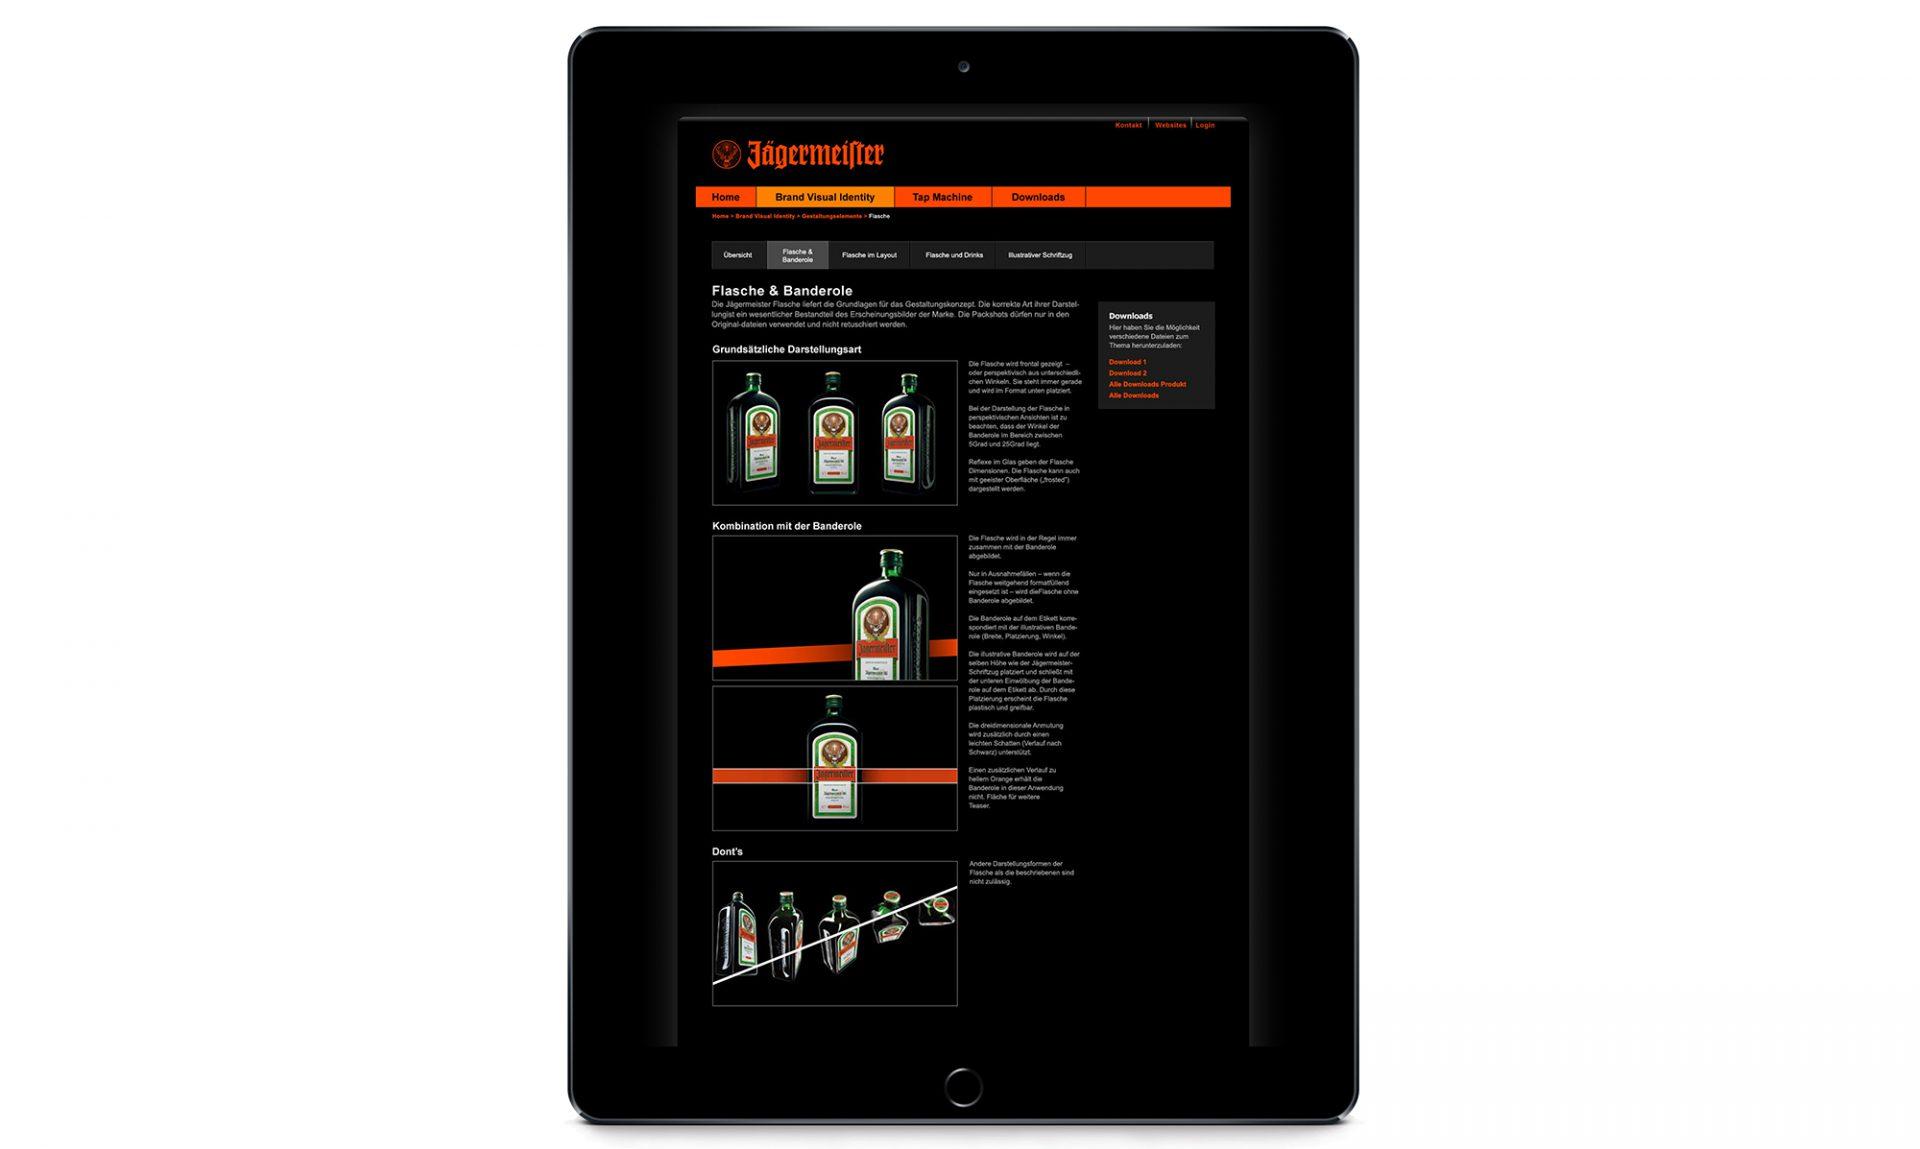 Ein iPad mit einer Seite, die das neue Brand Design von Jägermeister zeigt